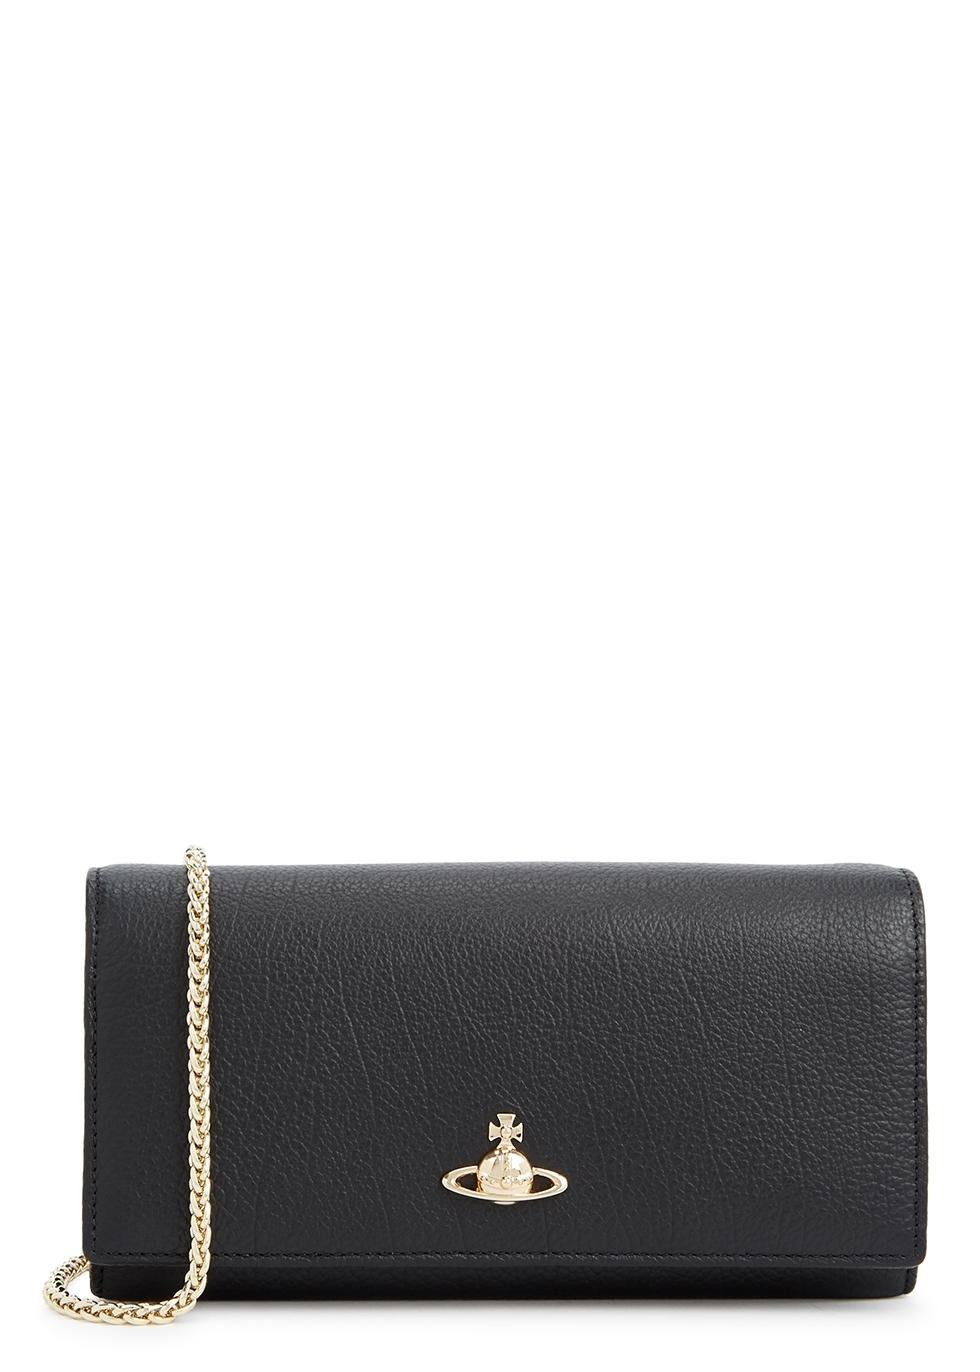 22d29575493 Vivienne Westwood - Designer Watches   Jewelry - Harvey Nichols